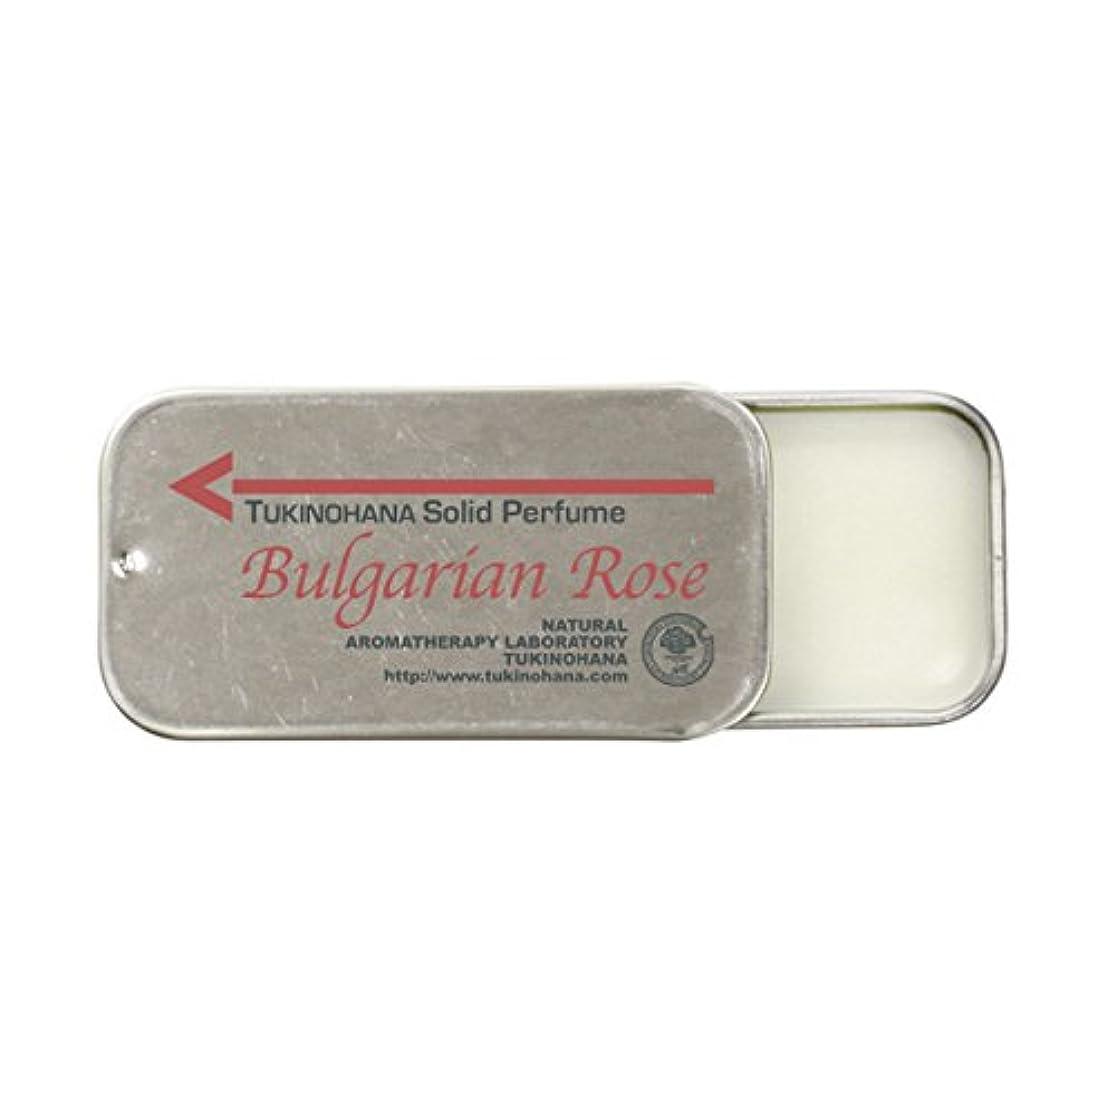 専門化する豊富種をまく【アロマソリッドパフューム】ブルガリアンローズの練り香水